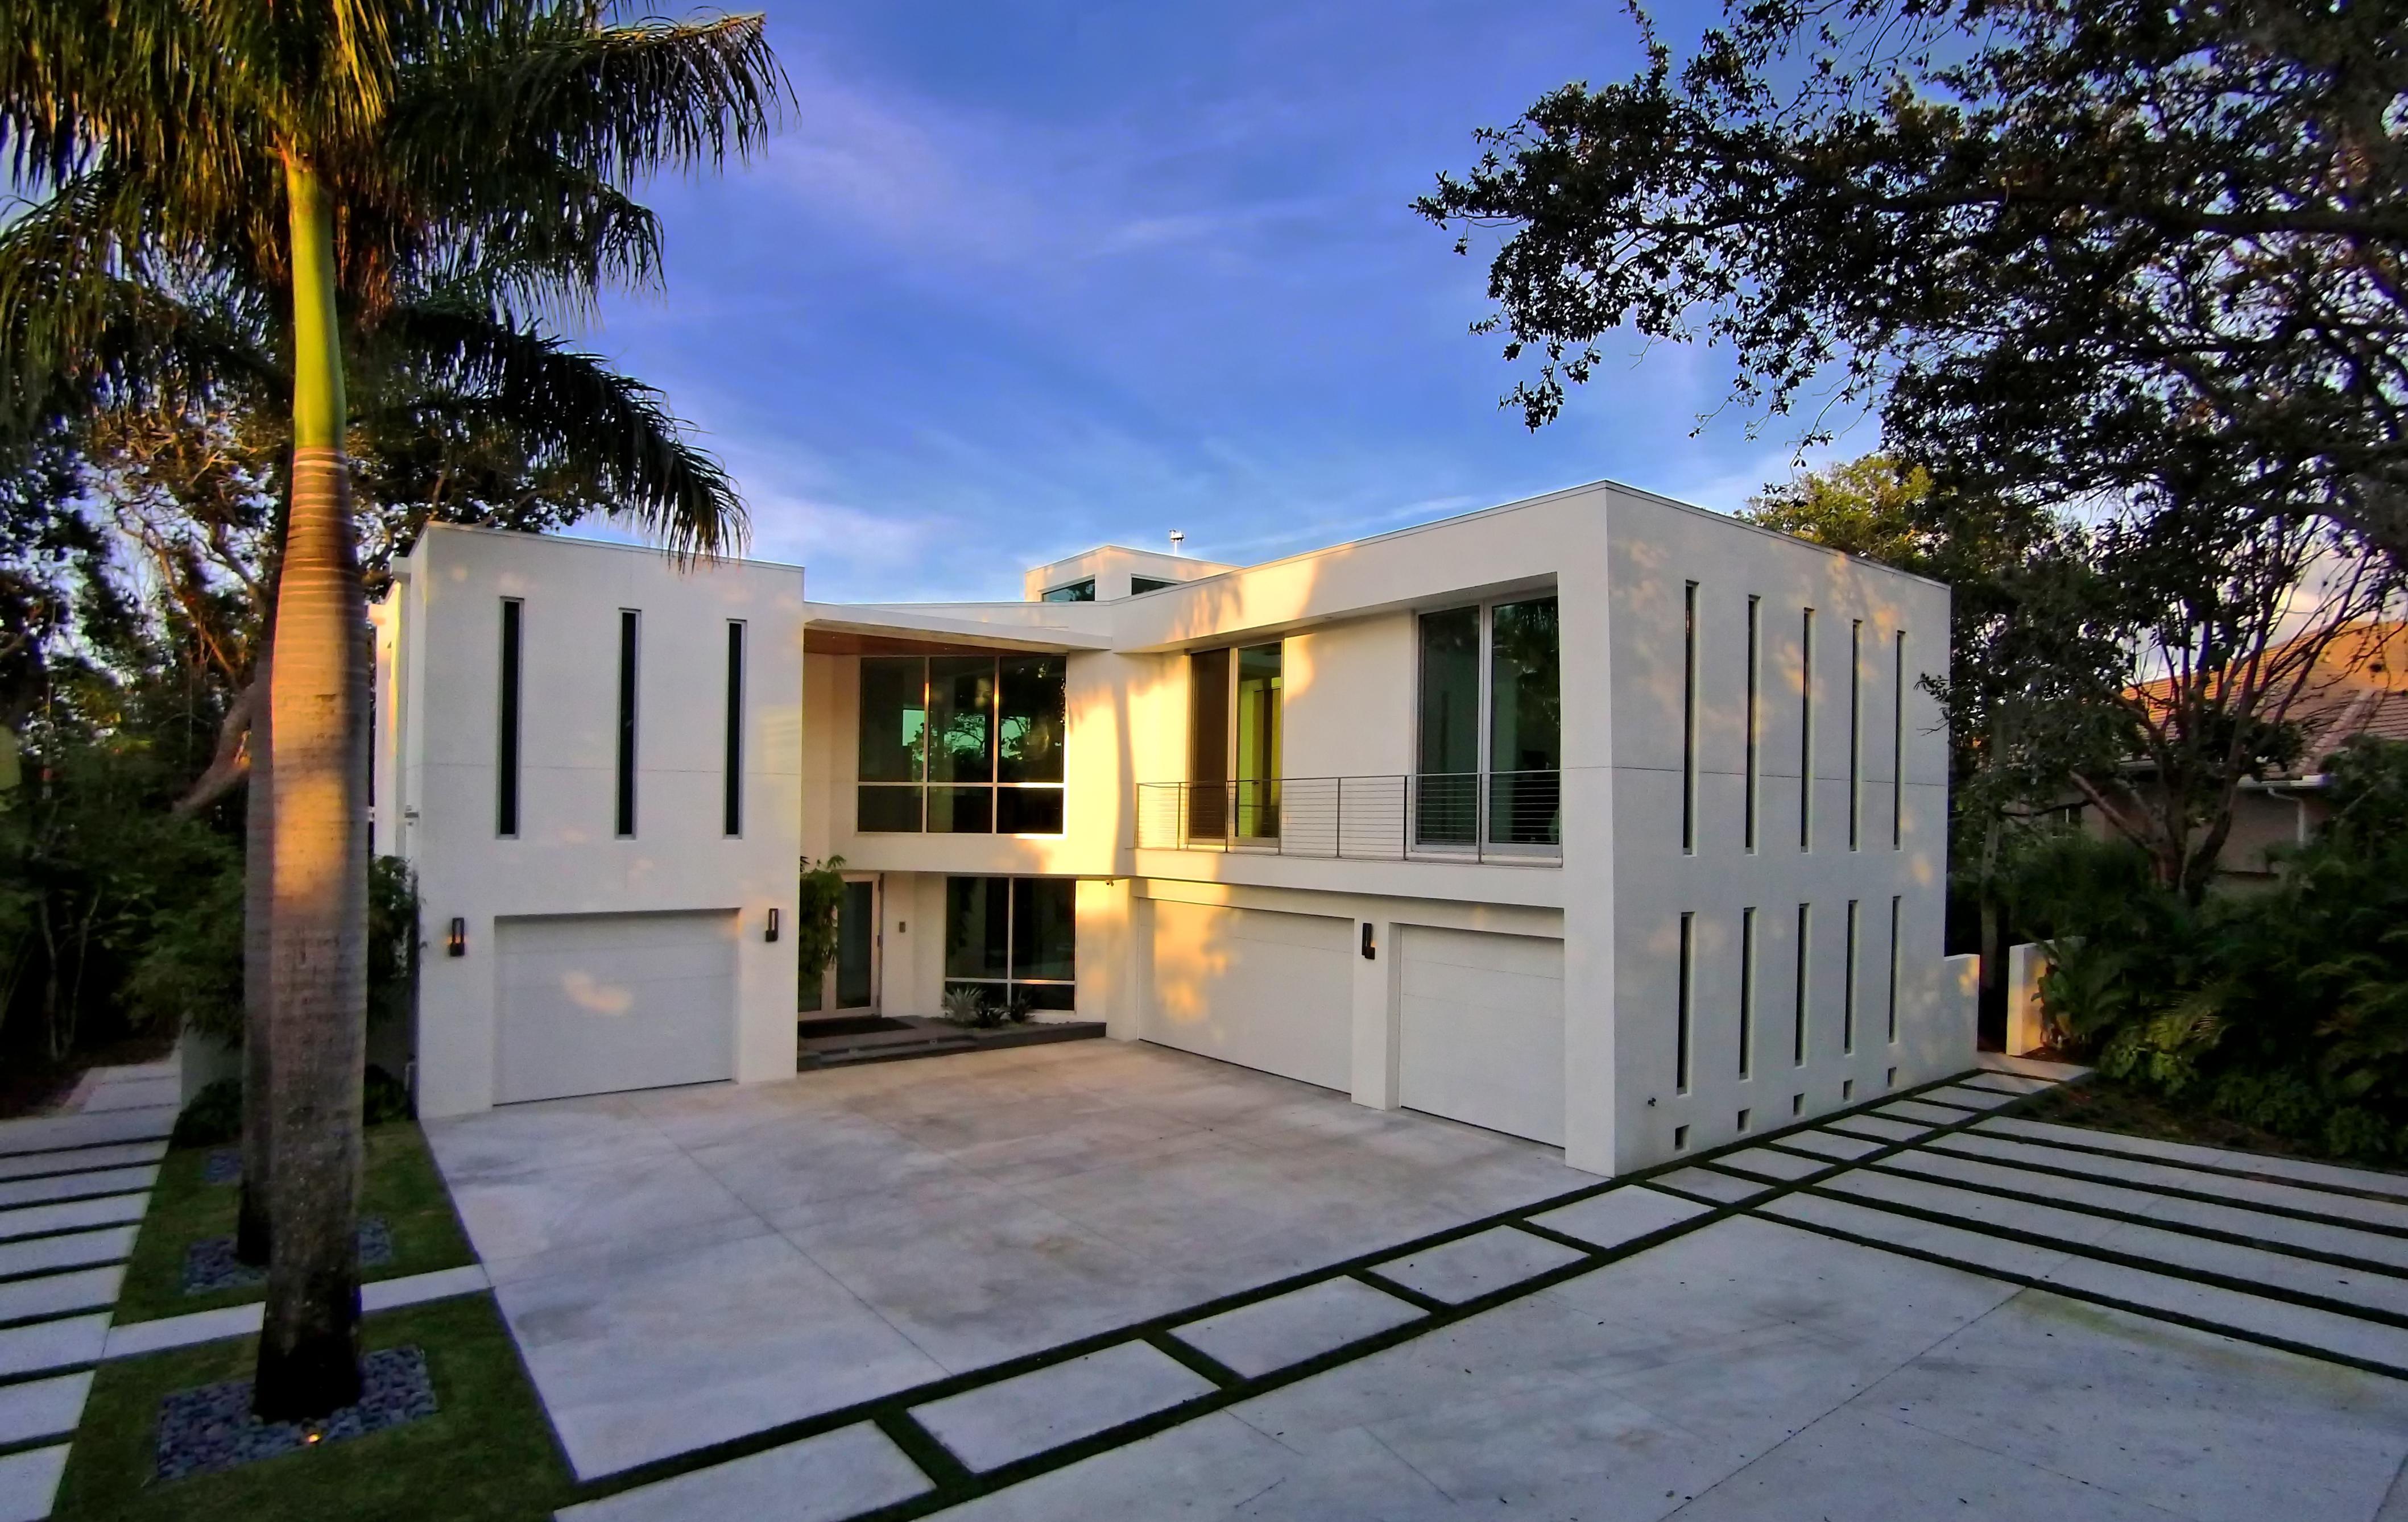 Residence 10 residential architect dsdg architects for Local residential architects